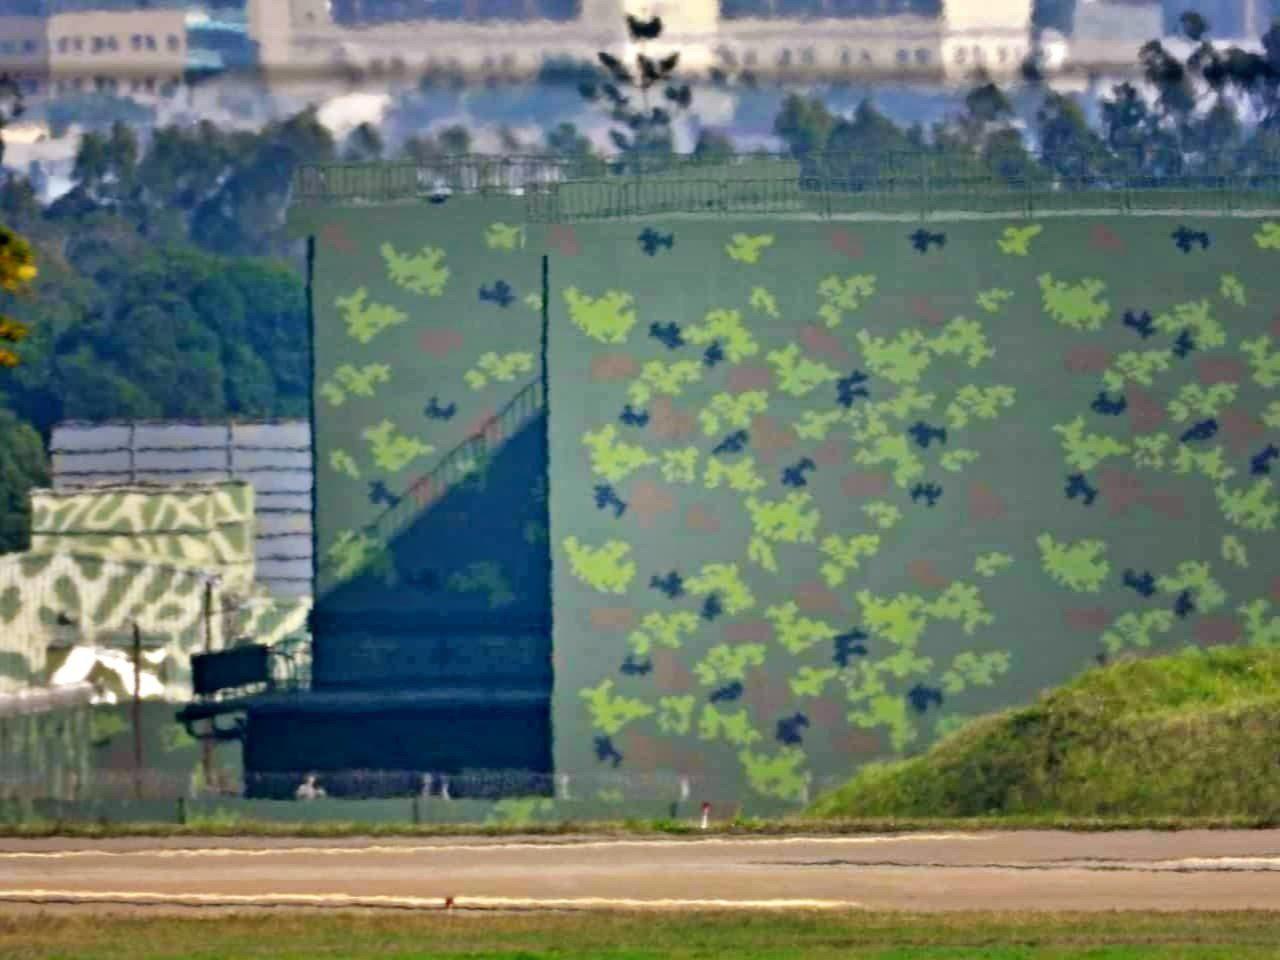 位於某軍事基地內的新建特種飛彈彈庫,佔地廣大,有高聳防爆牆。 熊姓讀者/提供